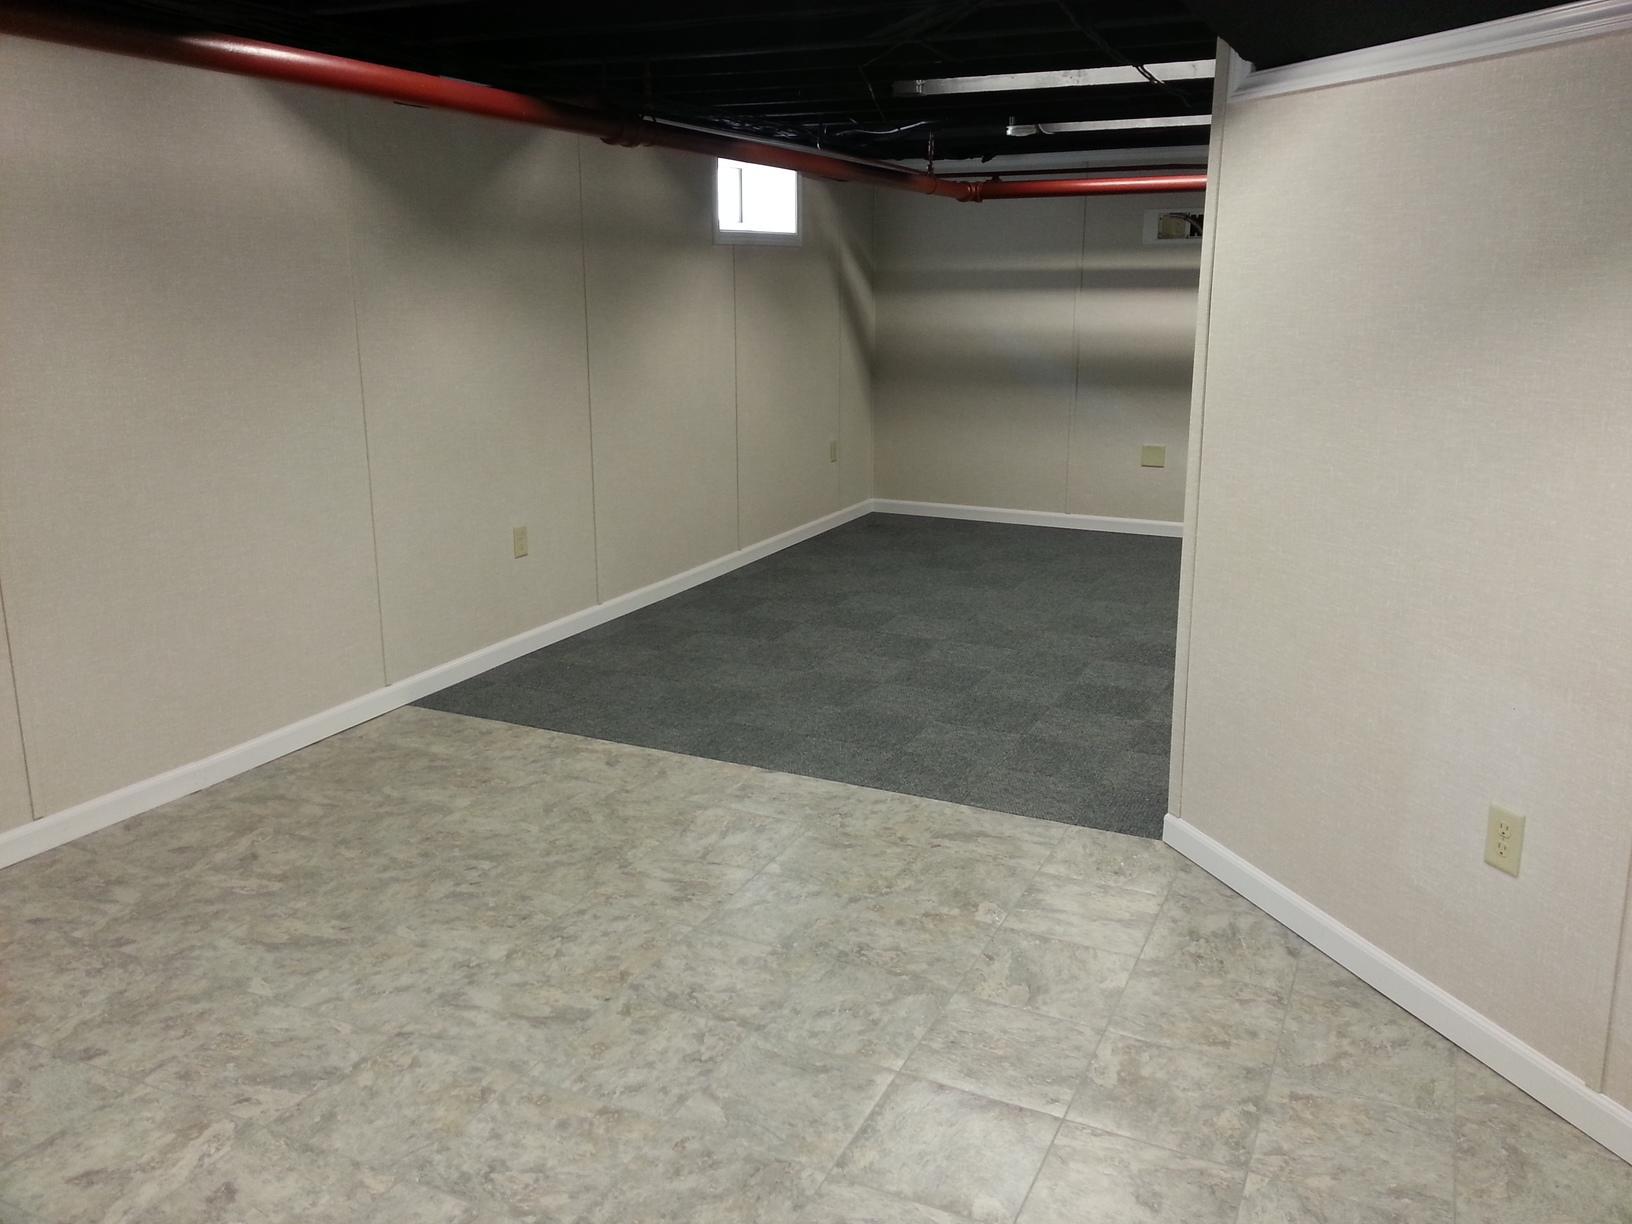 Bangor, Maine Basement Floors & Ceilings